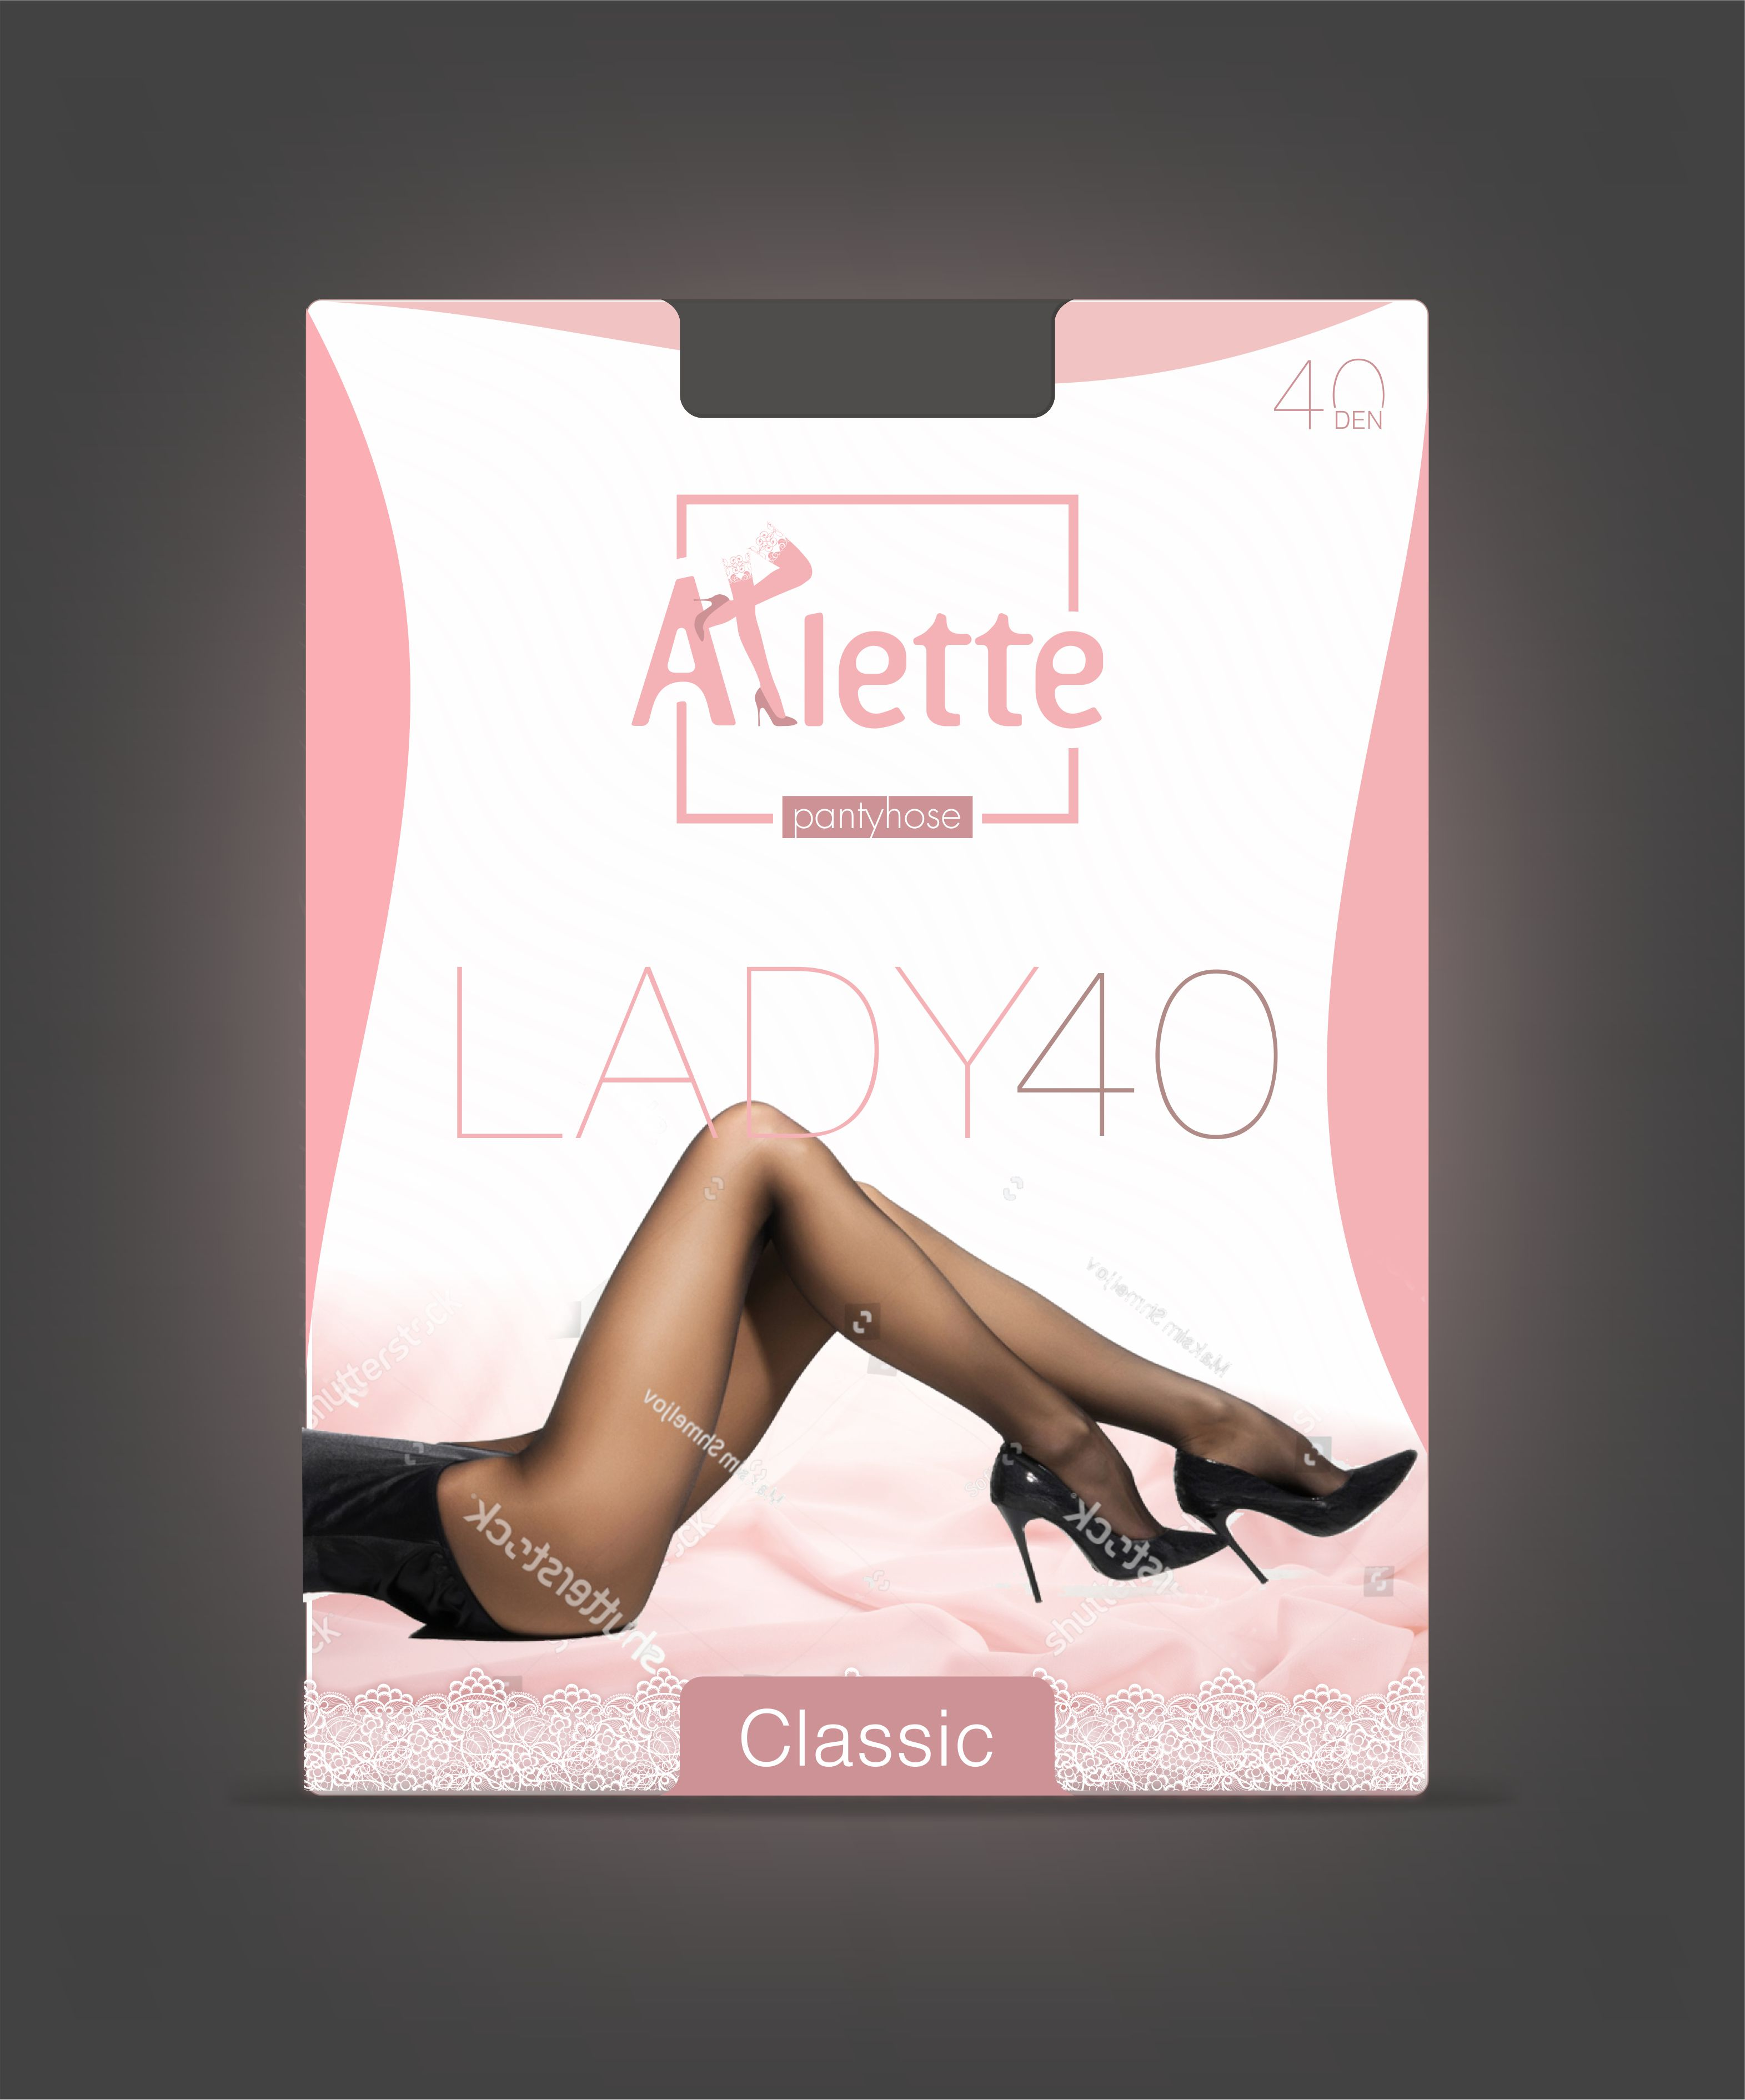 Дизайн упаковки женских колготок фото f_093598dddb417046.jpg